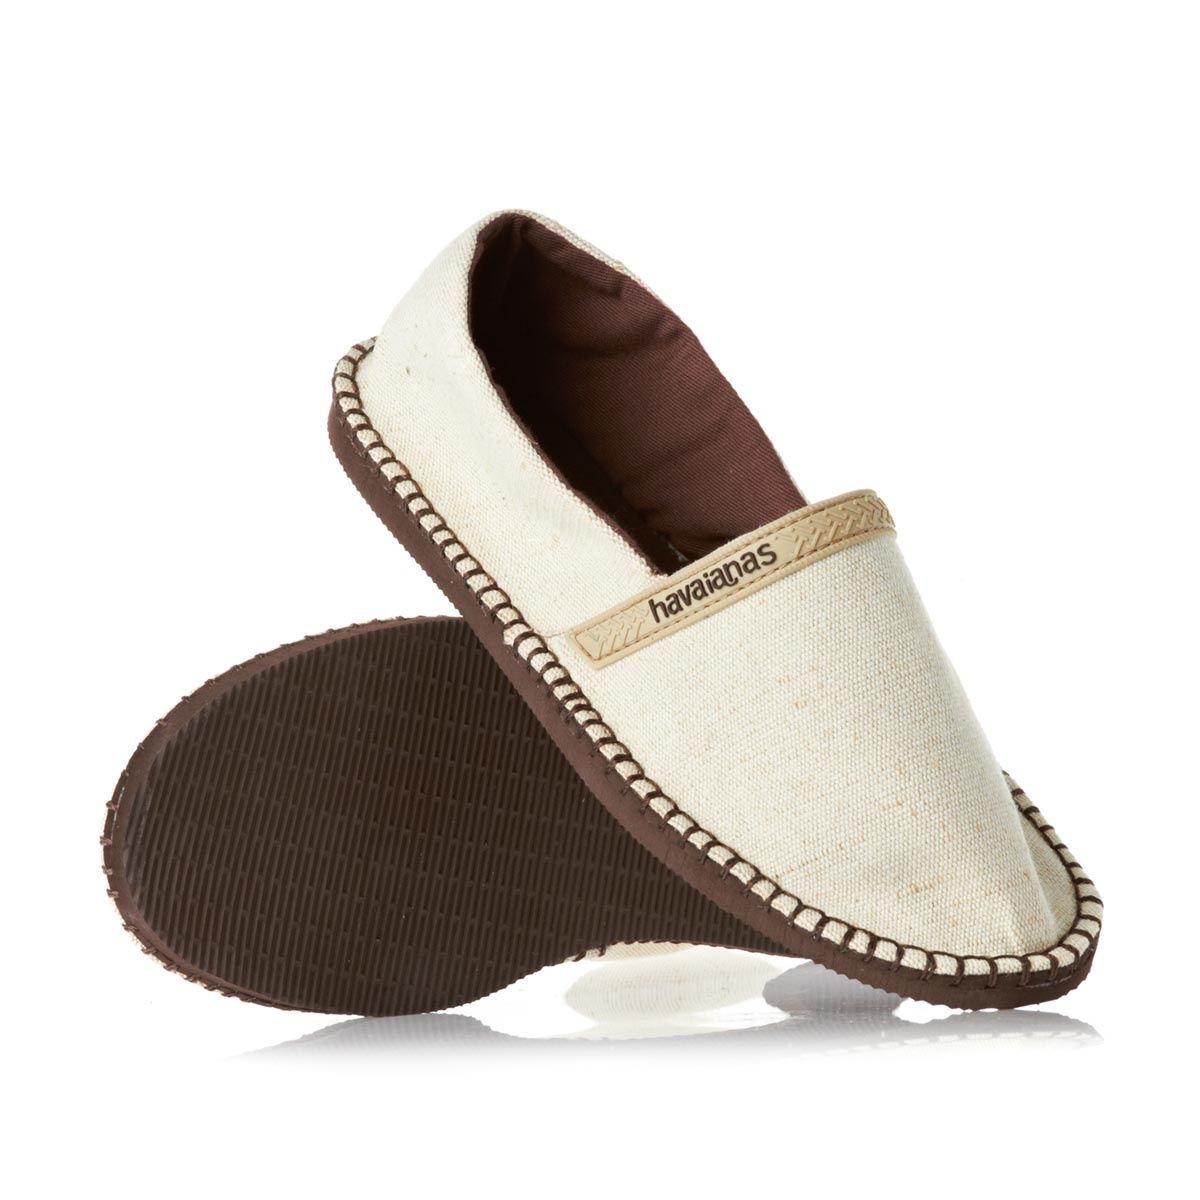 9b80aa30e Havaianas Shoes - Havaianas Origine Eco Womens Shoes